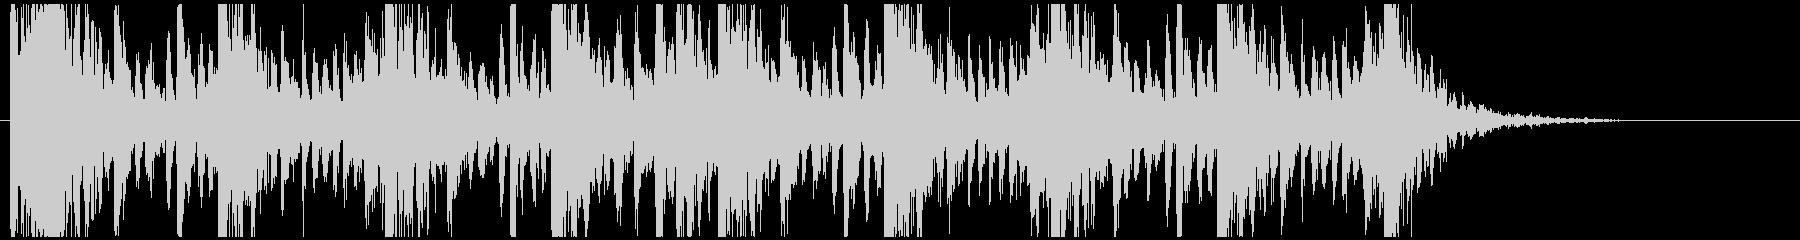 和太鼓のリズム2 残響なしBPM140の未再生の波形